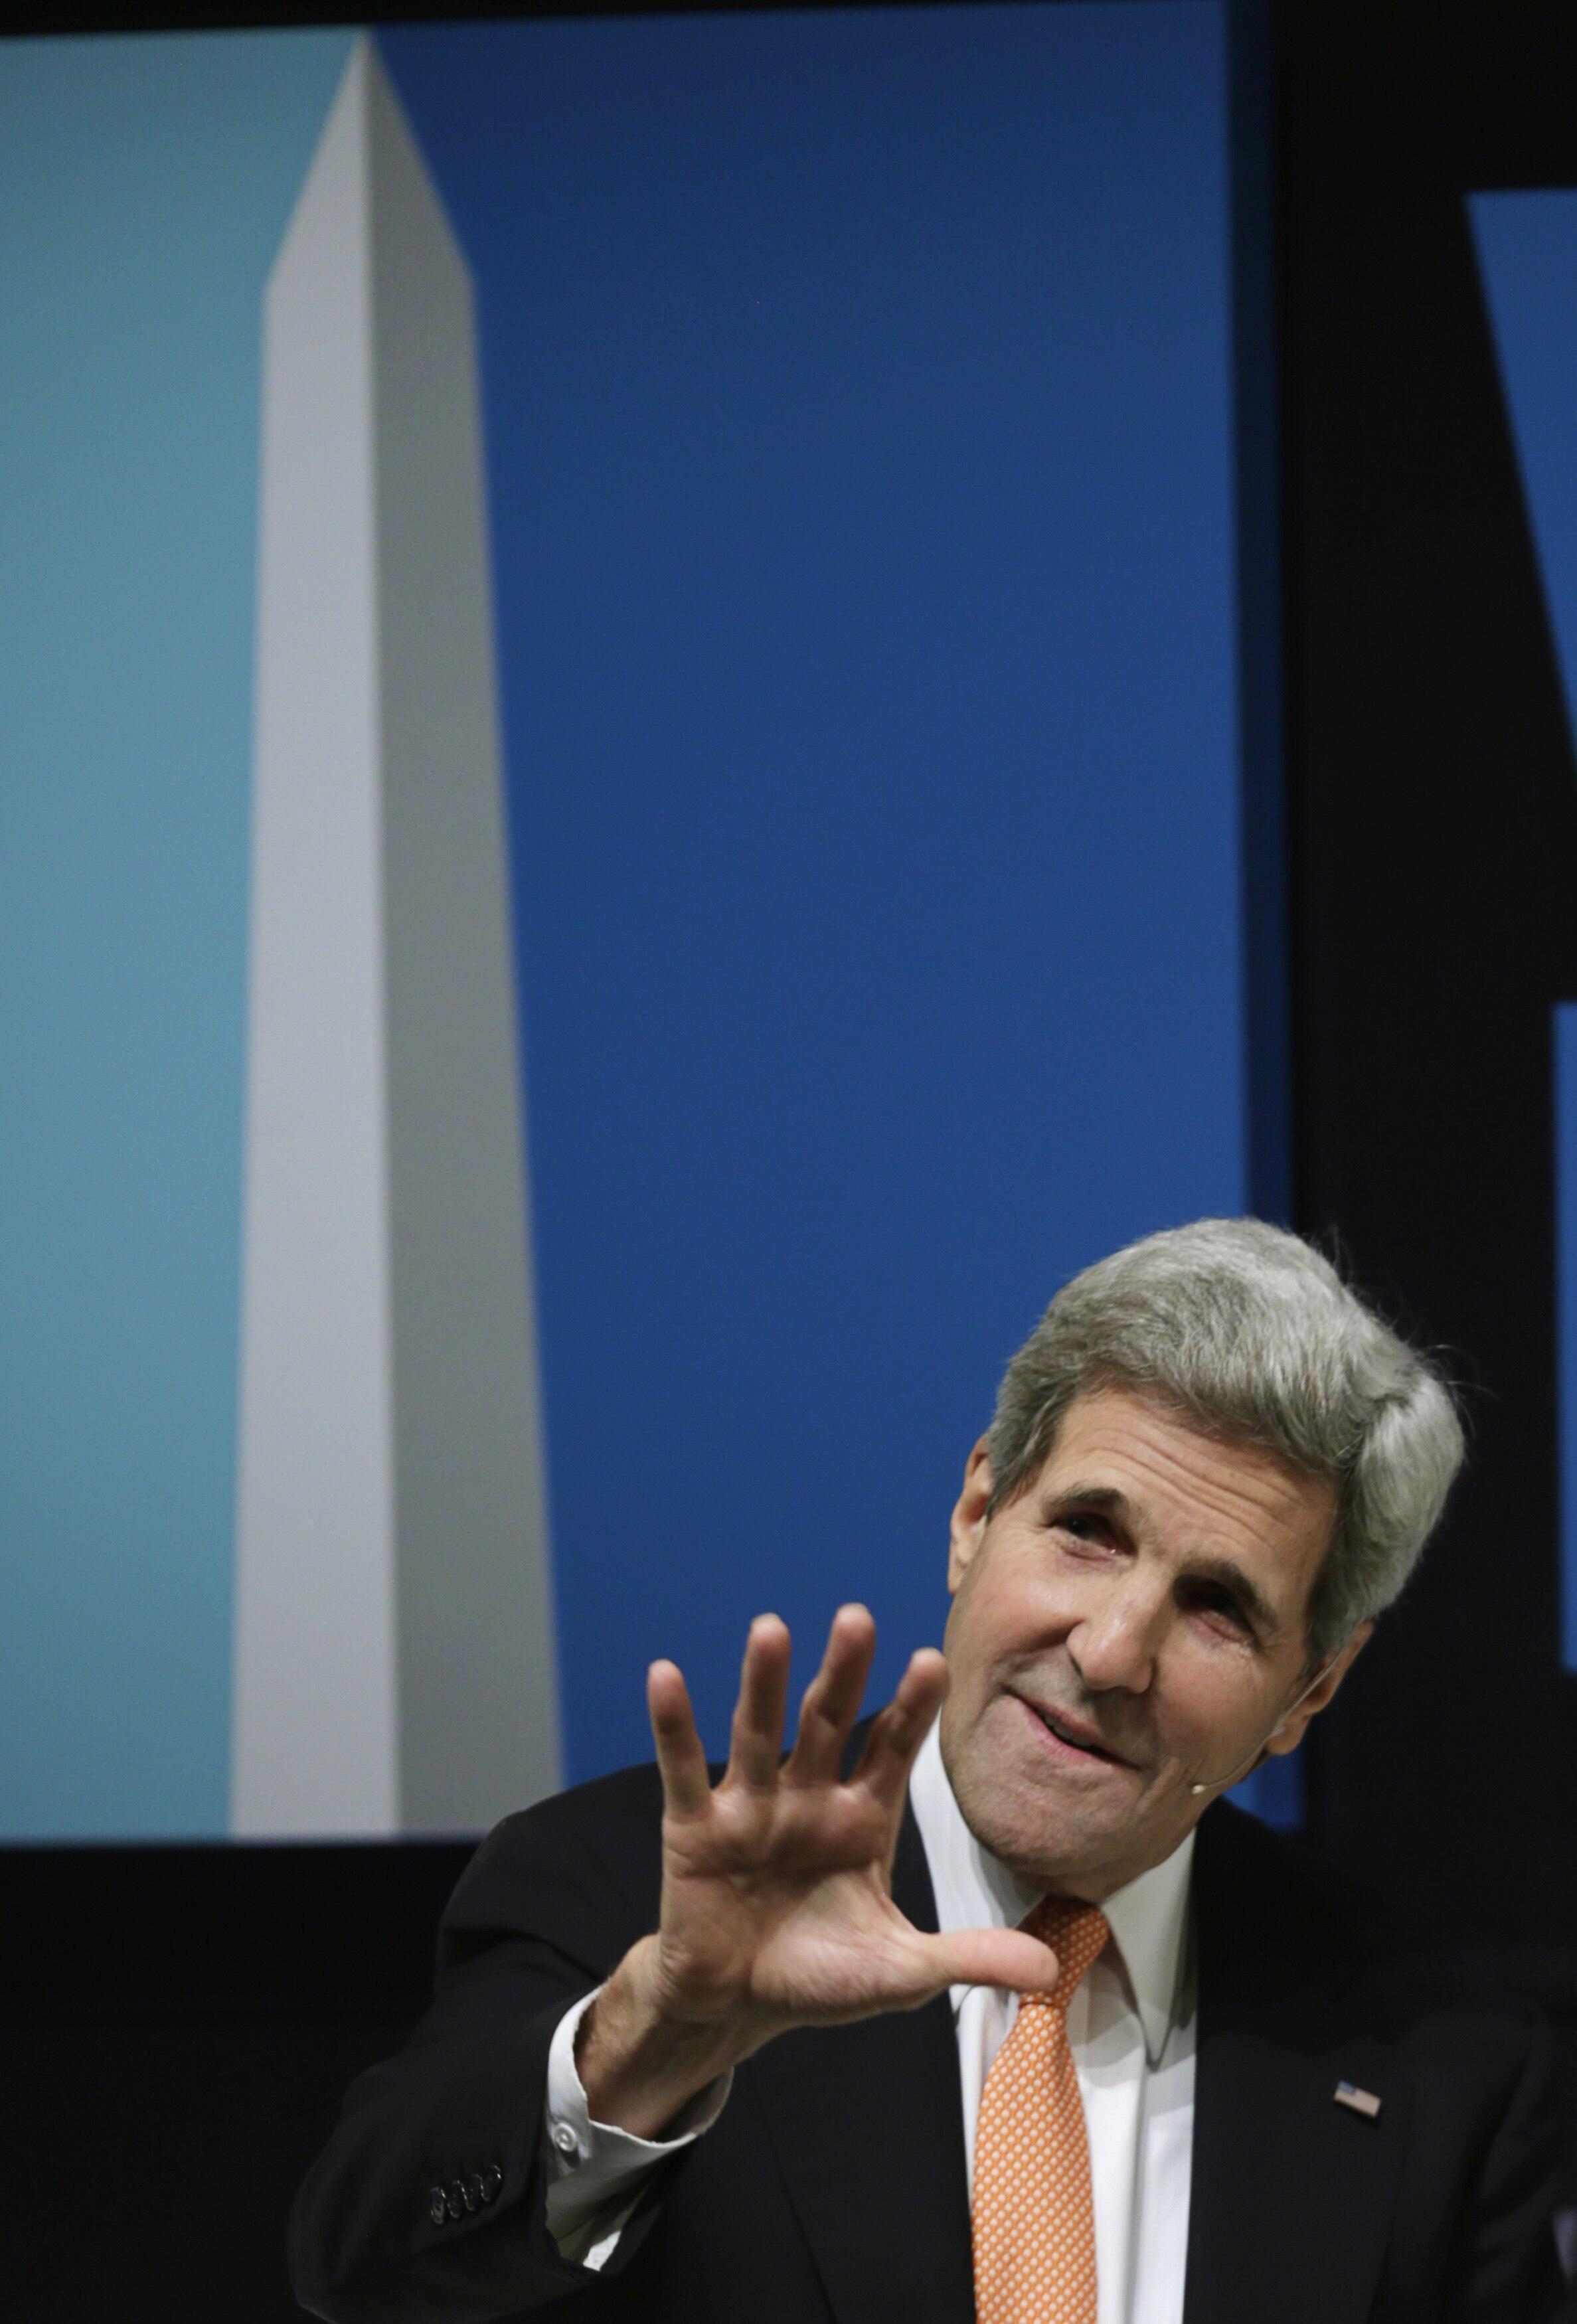 جان کری، وزیر امور خارجه آمریکا